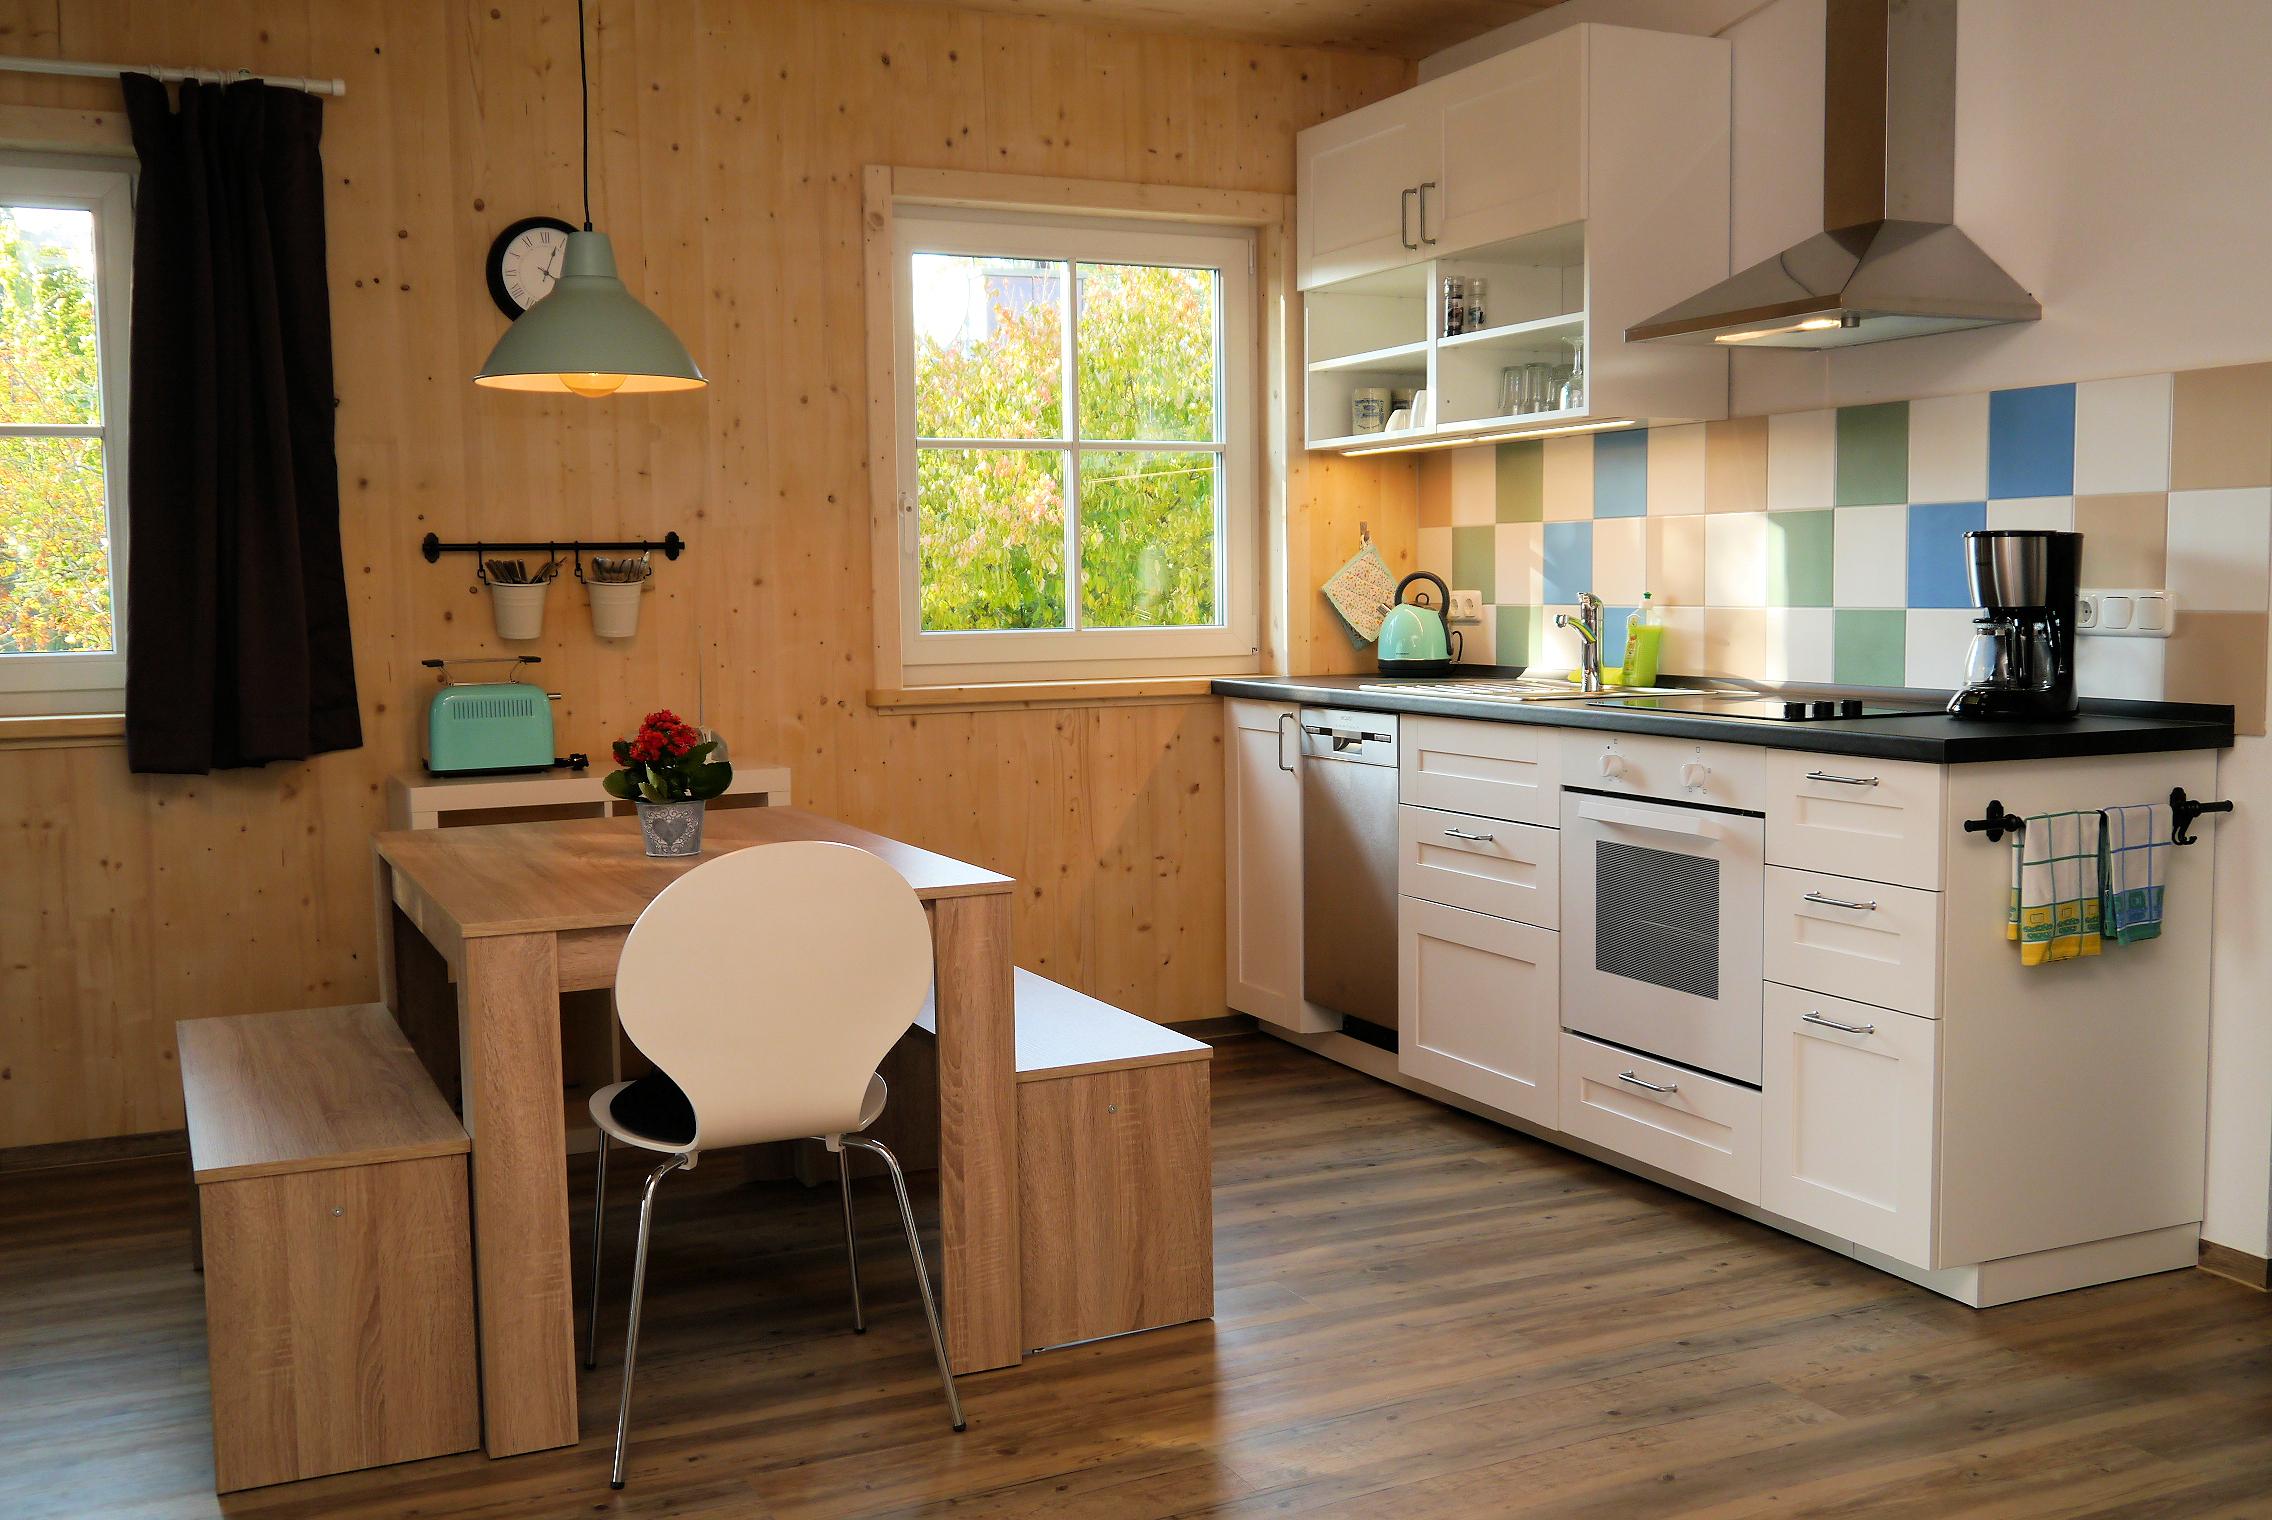 Fühlen Sie sich wohl in der komplett ausgestatteten Küche.